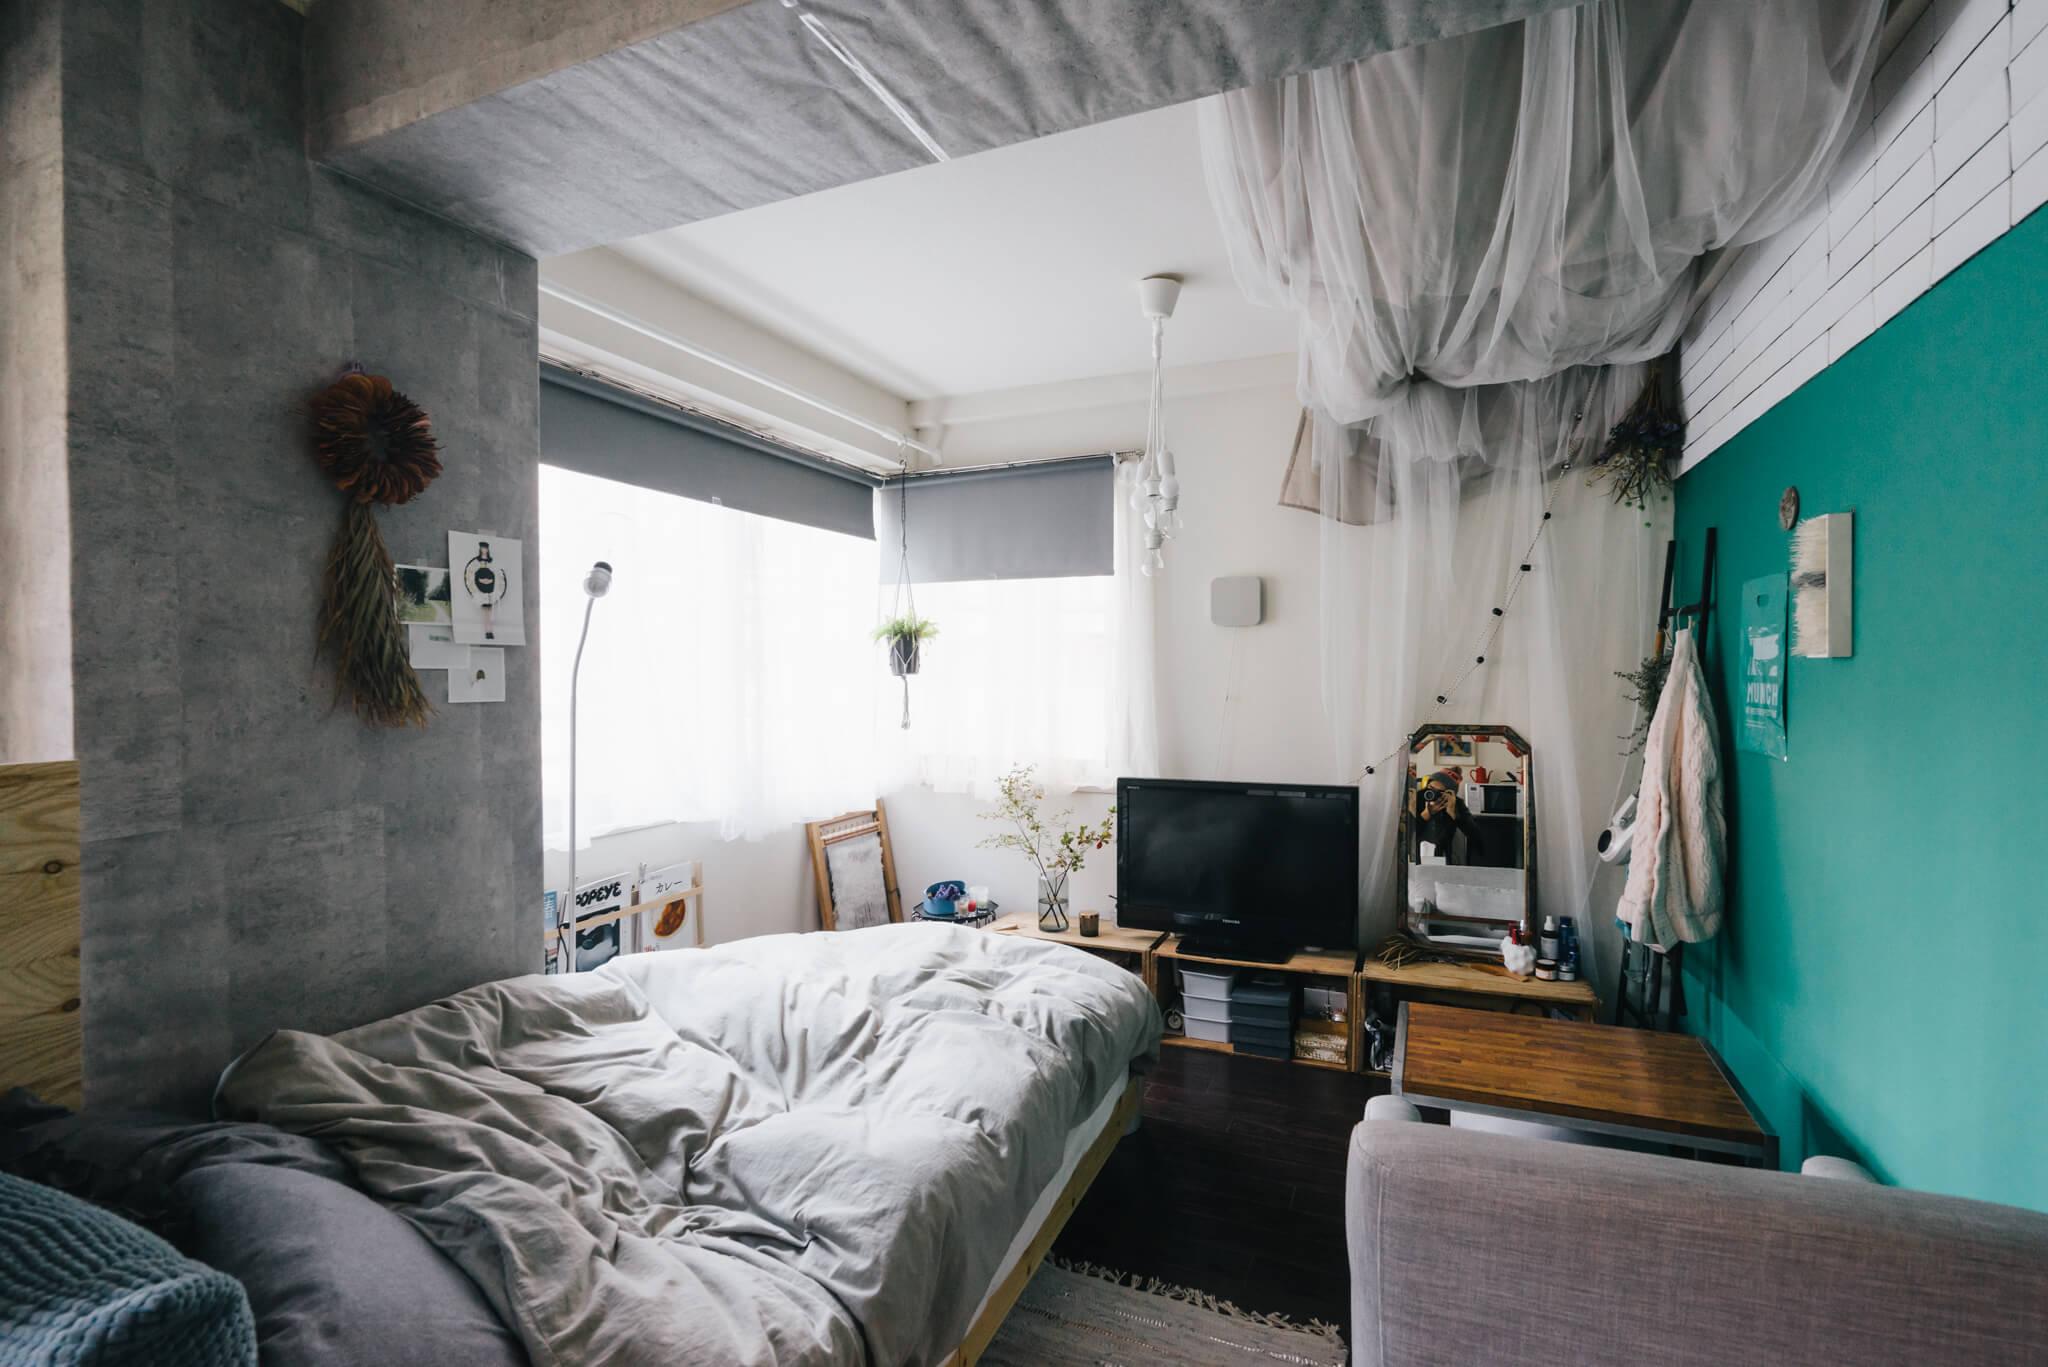 型にとらわれない空間づくりが魅力。ワンルームをとことん楽しむ部屋